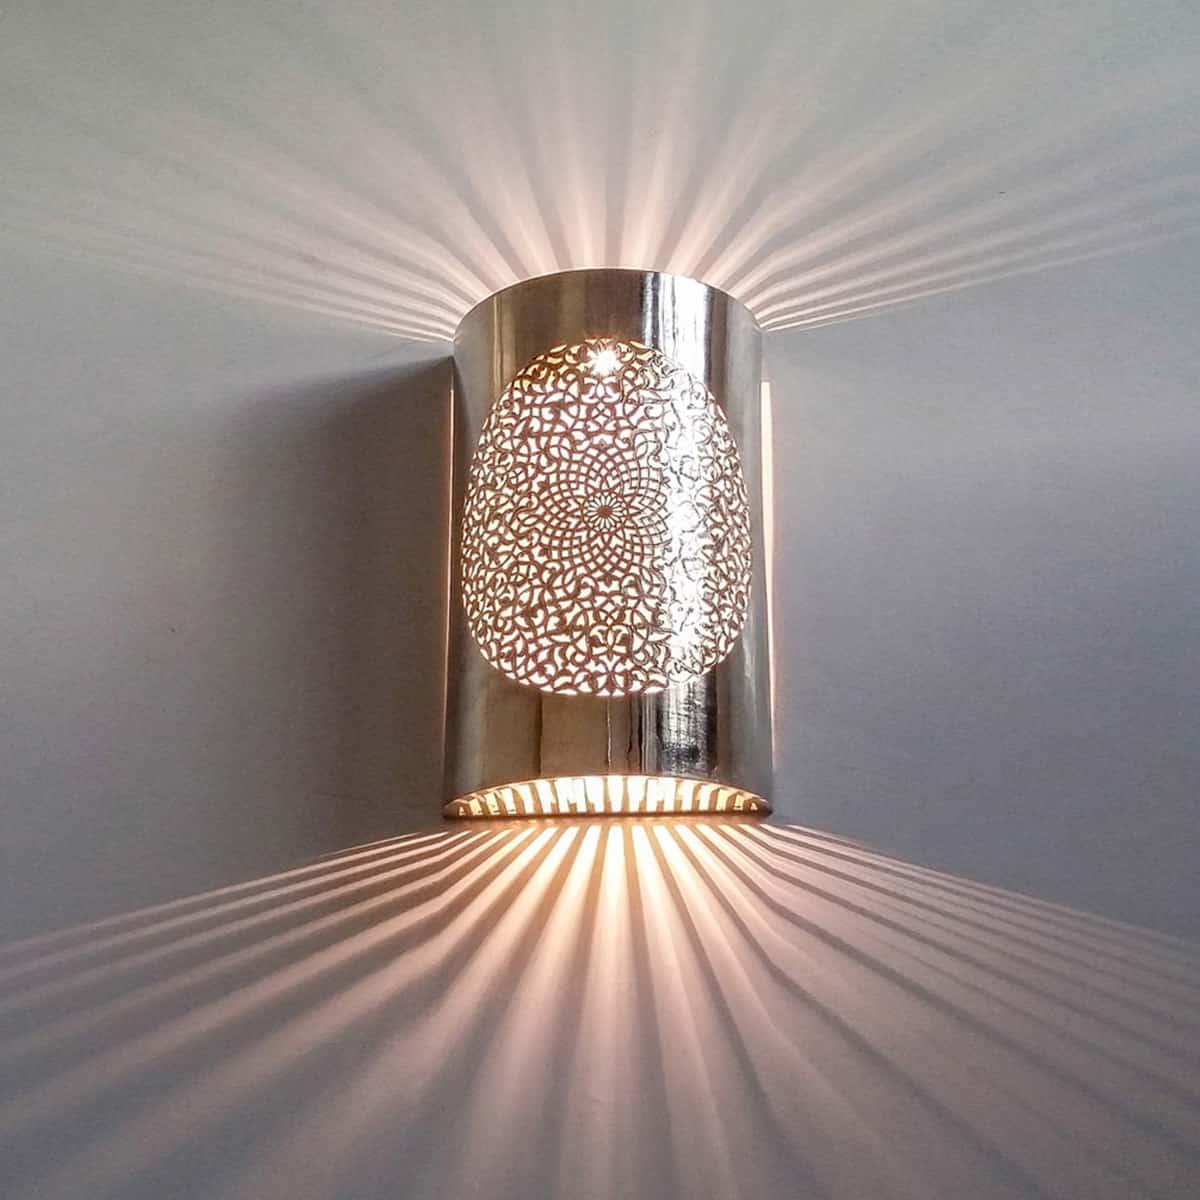 M.12.05-Mesa-decoracion-mosaico-marroqui-mobiliario-jardin-malaga